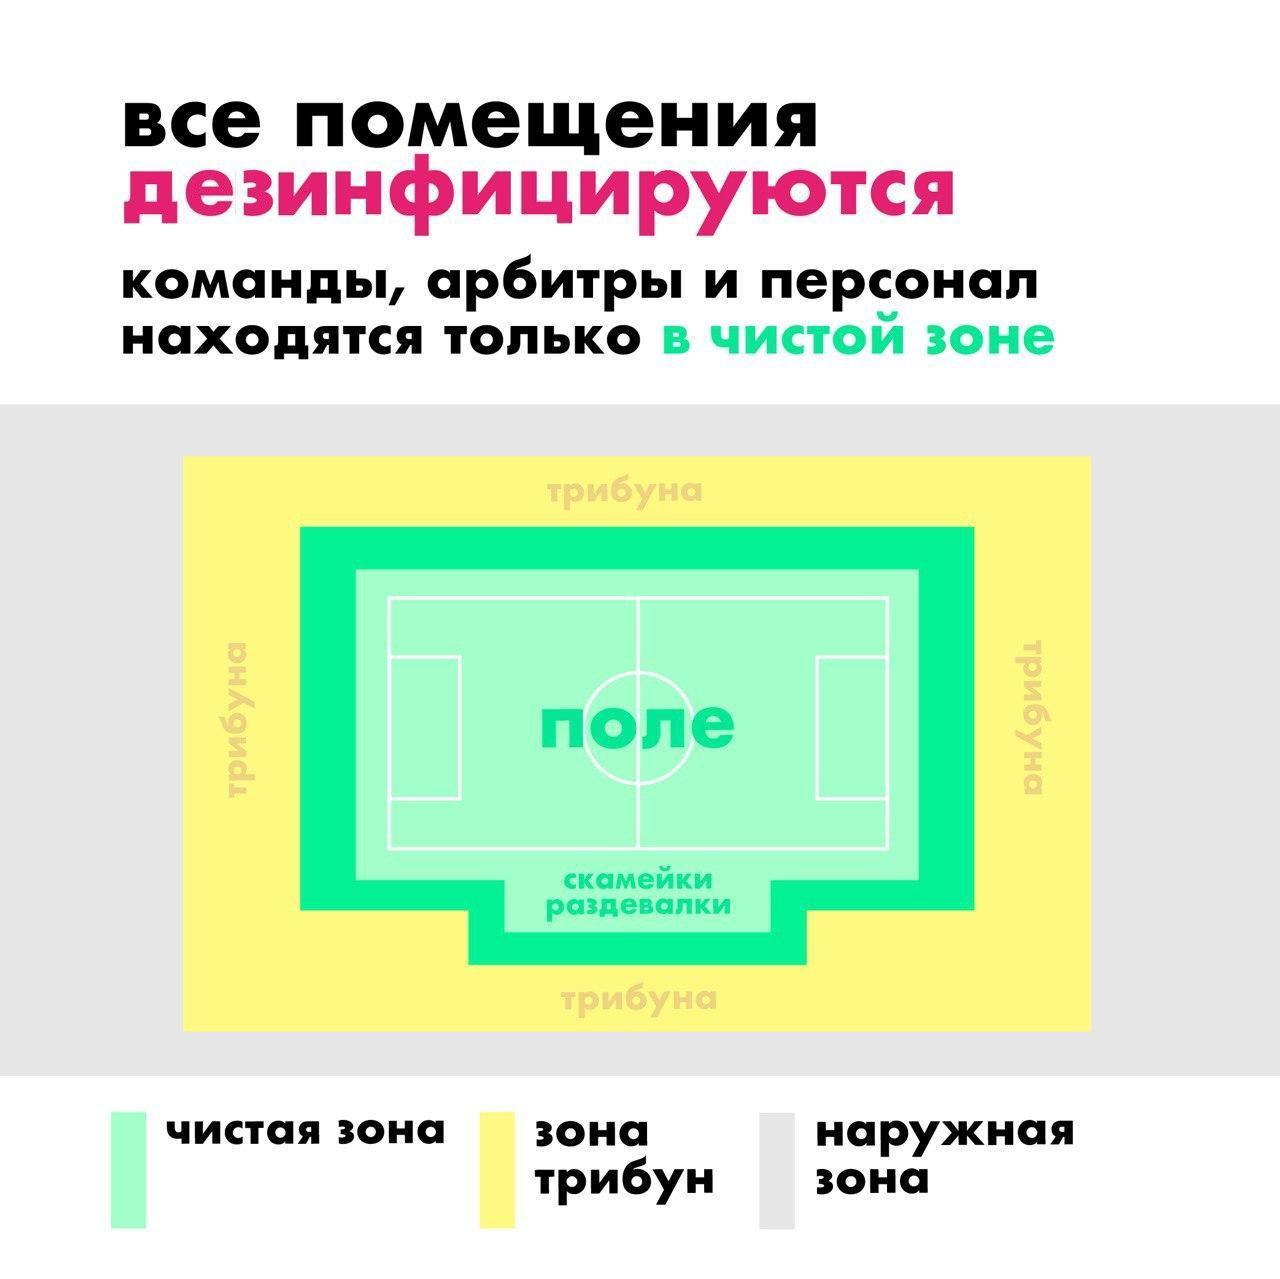 фото Паспорт, маски и перчатки: ФК «Новосибирск» ищет совершеннолетних подавальщиков мячей 6